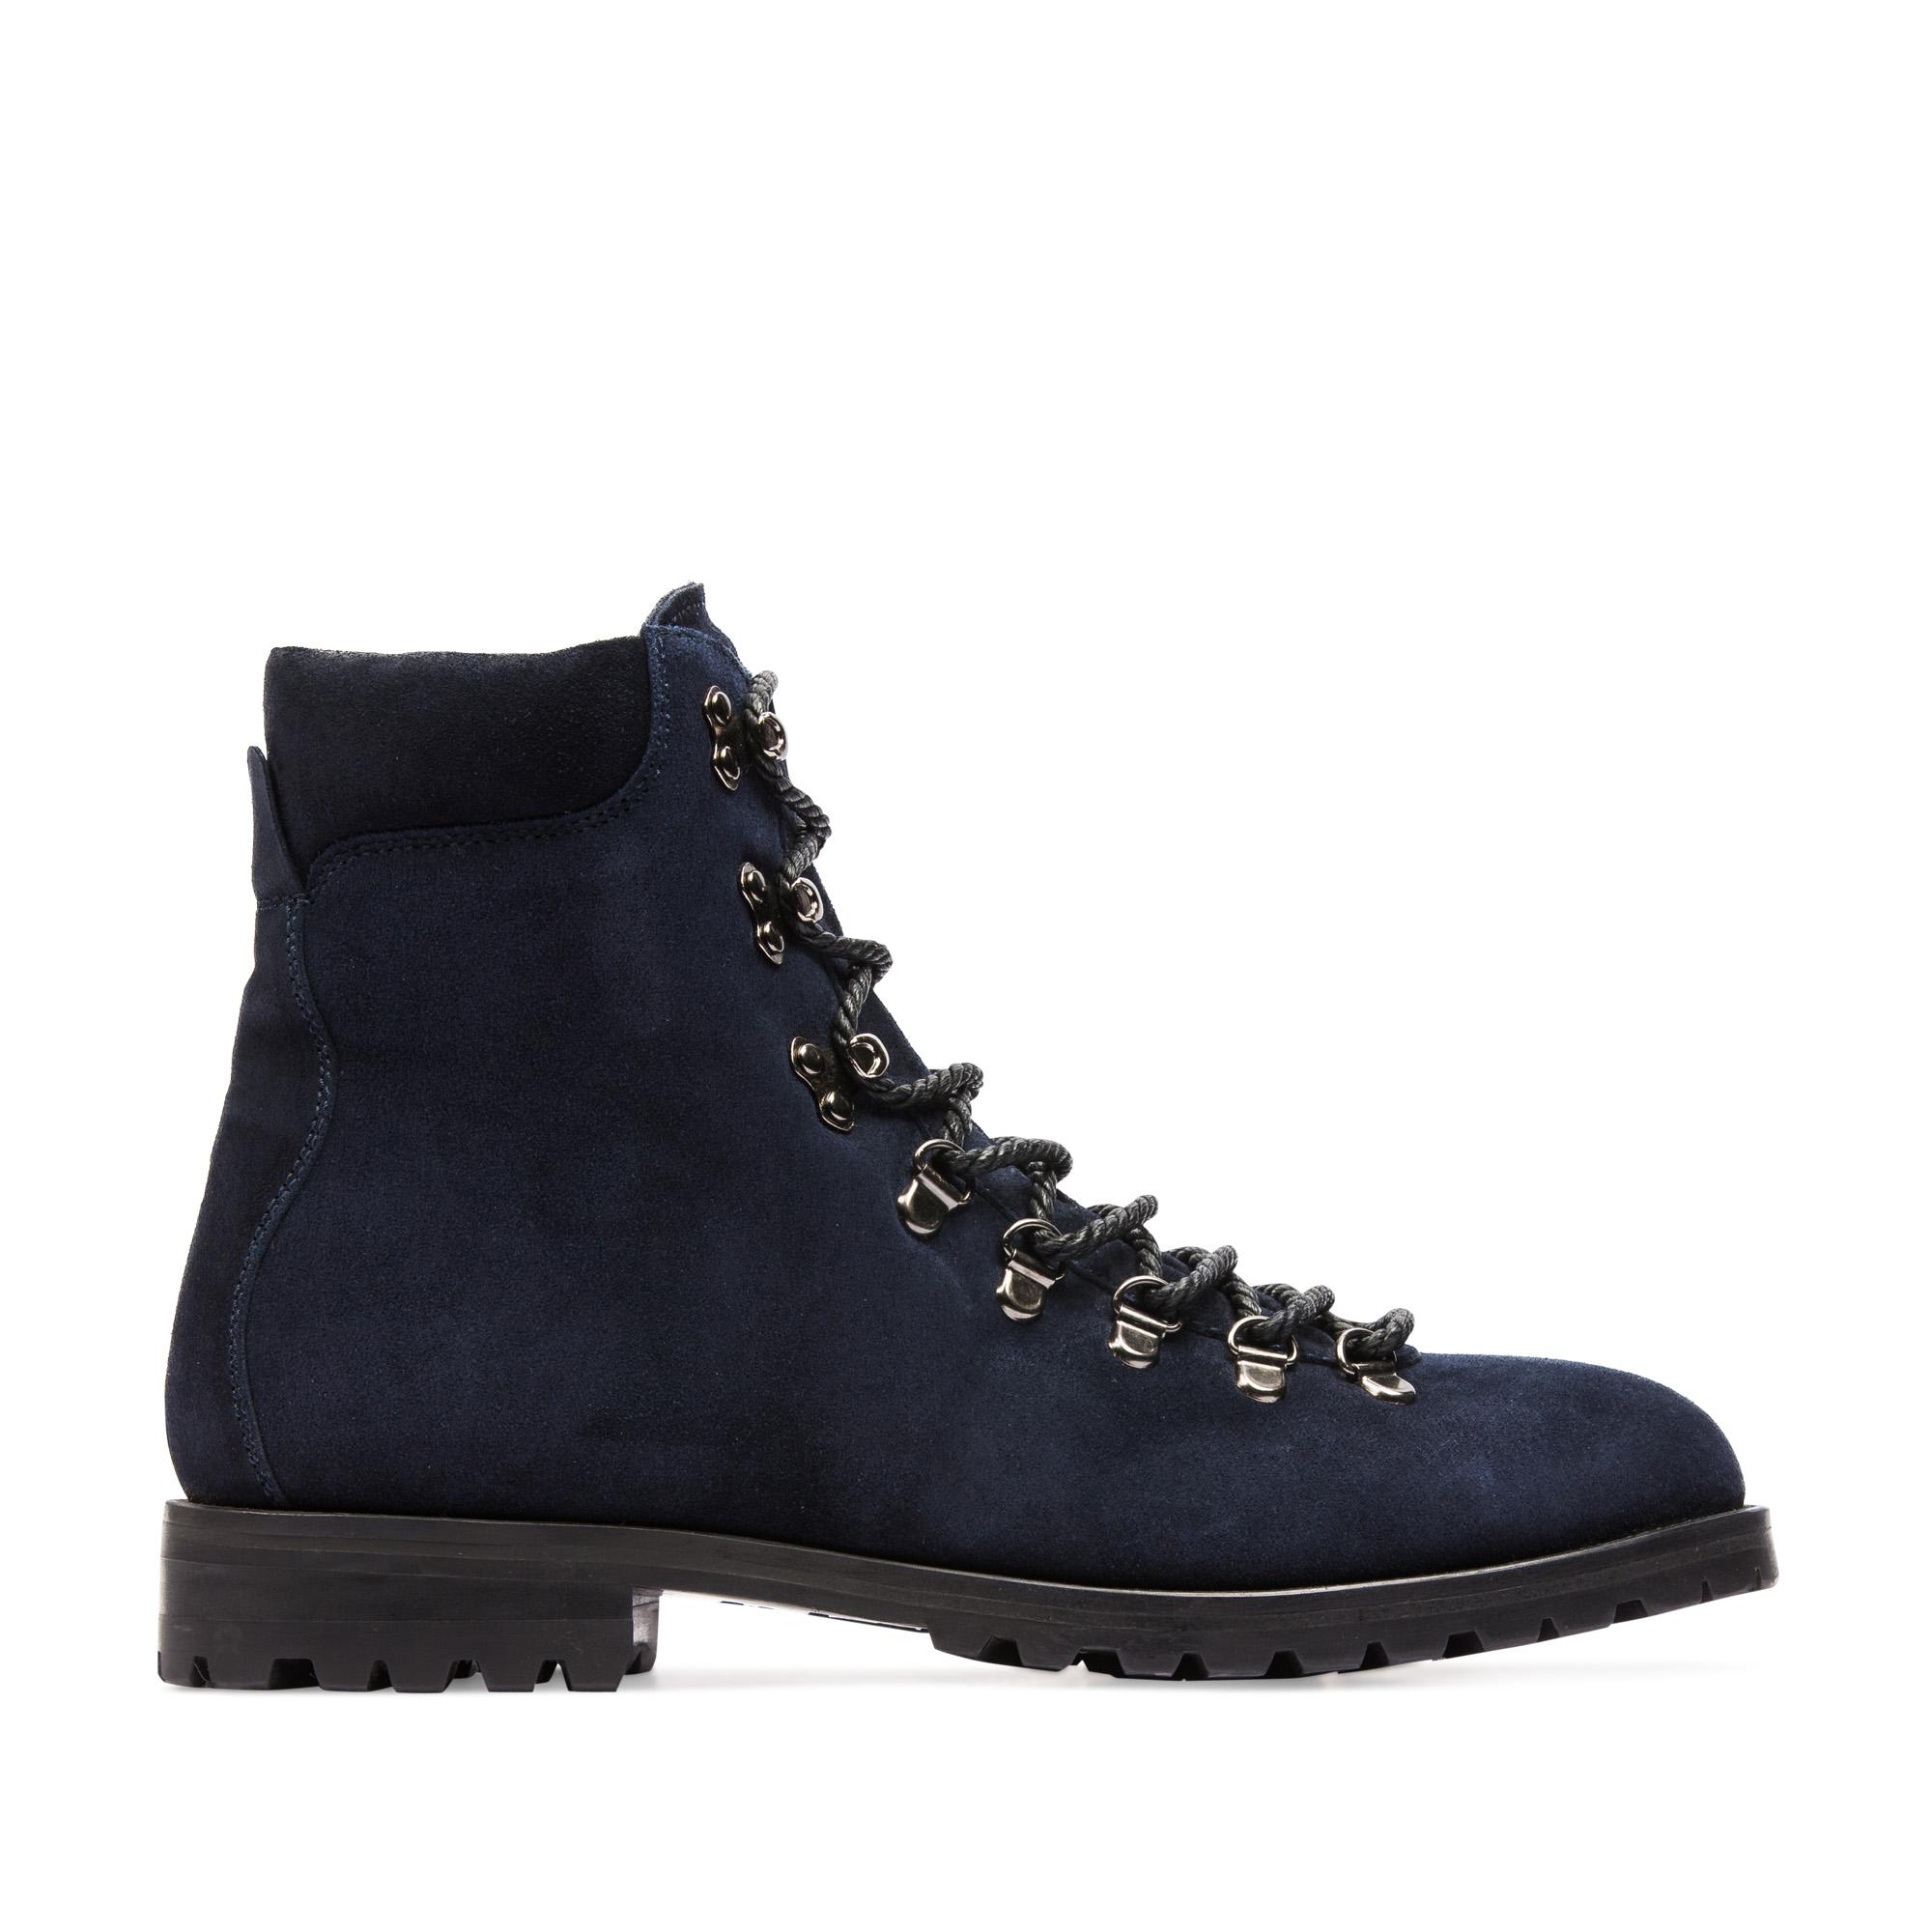 Высокие ботинки из замши темно-синего цвета на протекторной подошве